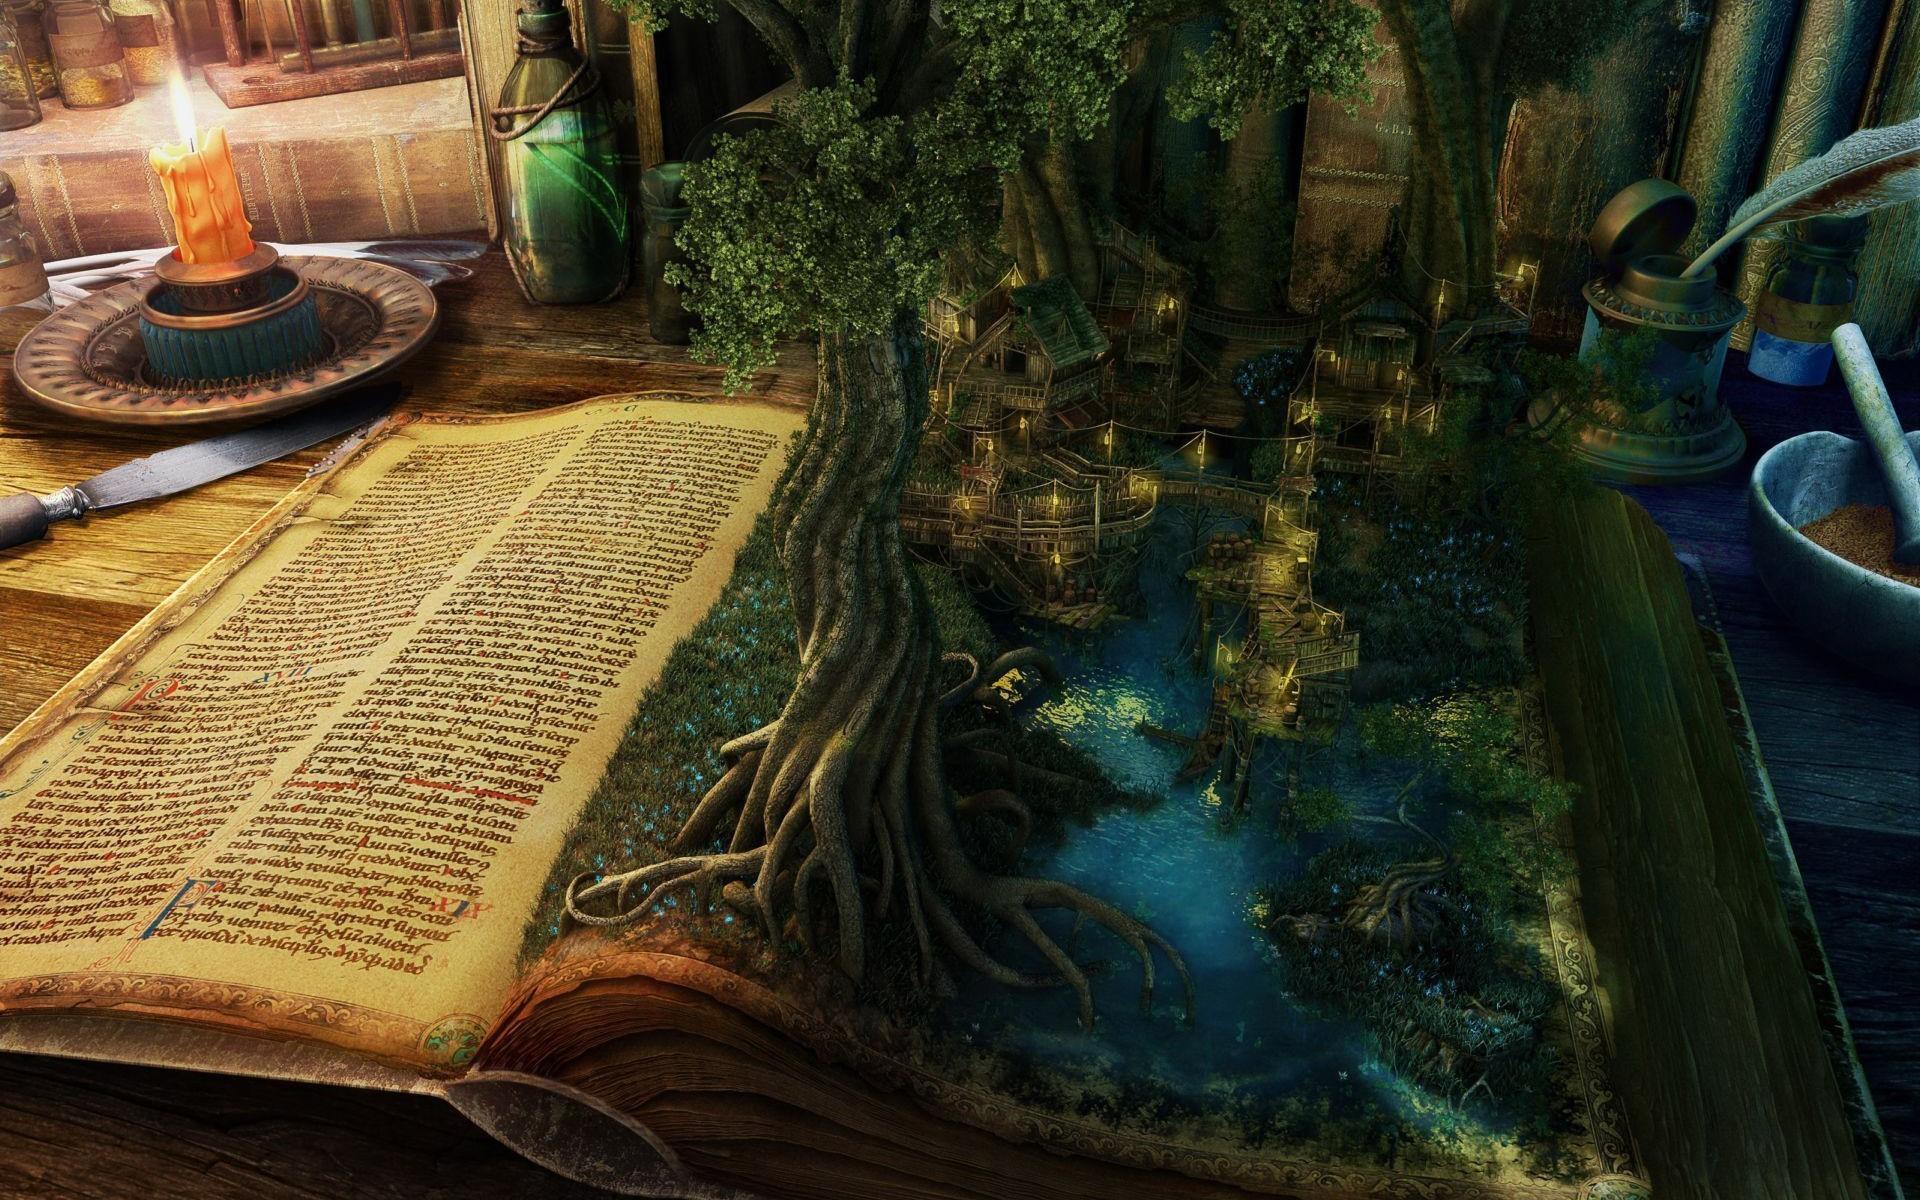 floresta saindo do livro